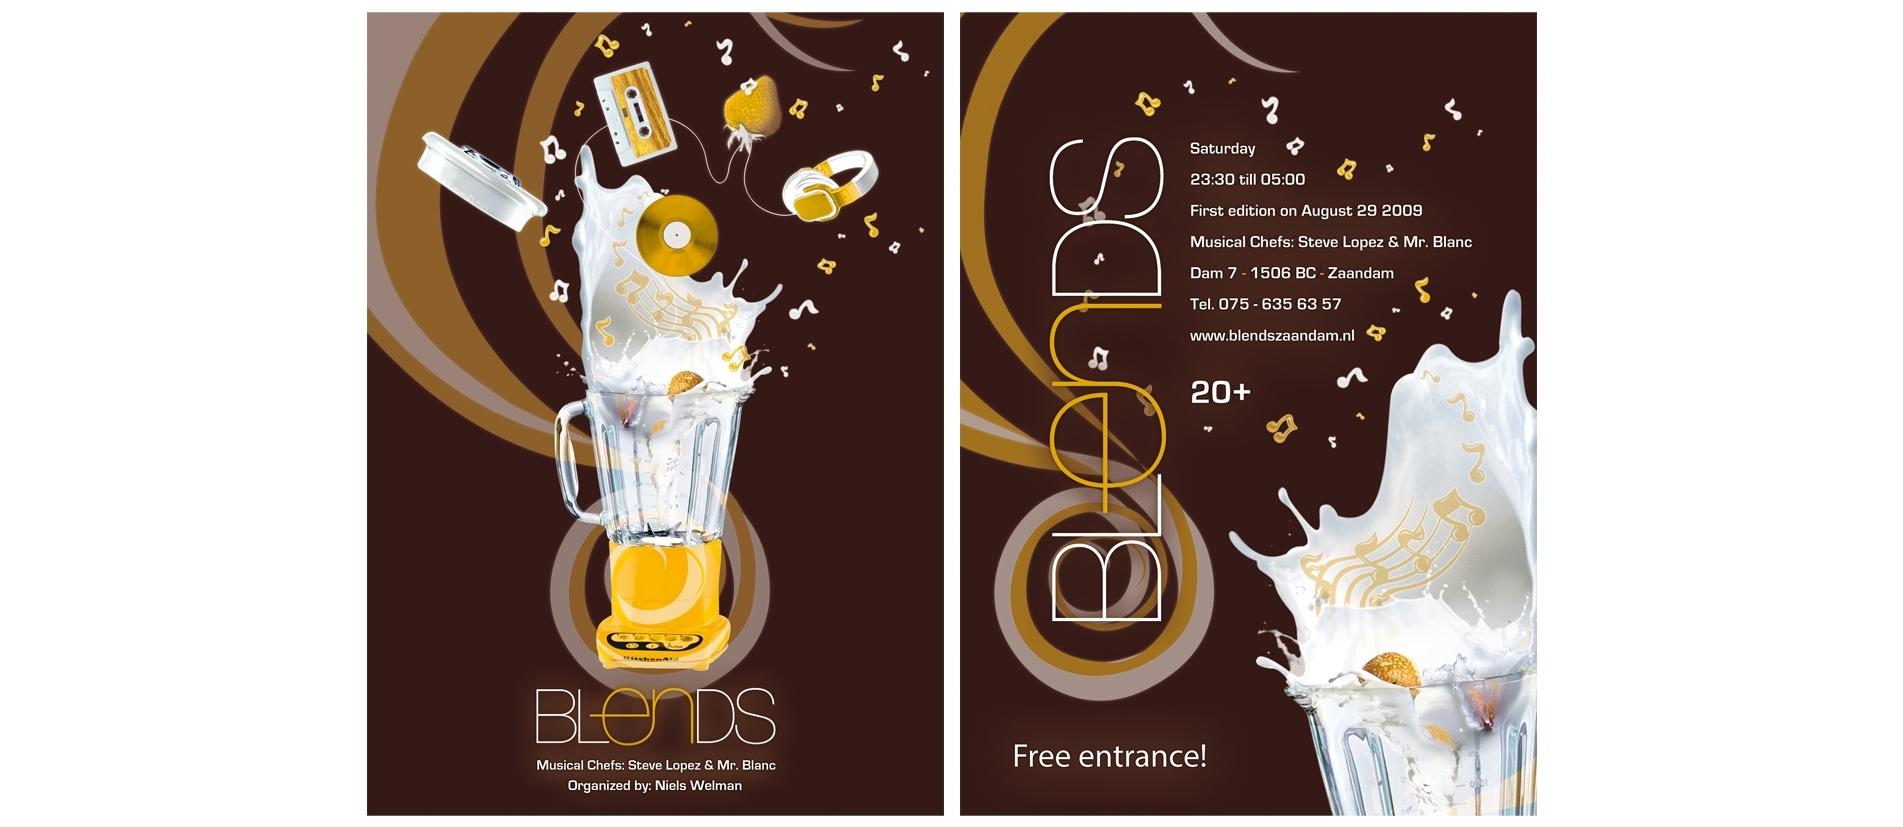 Blends Flyer: Front & Back